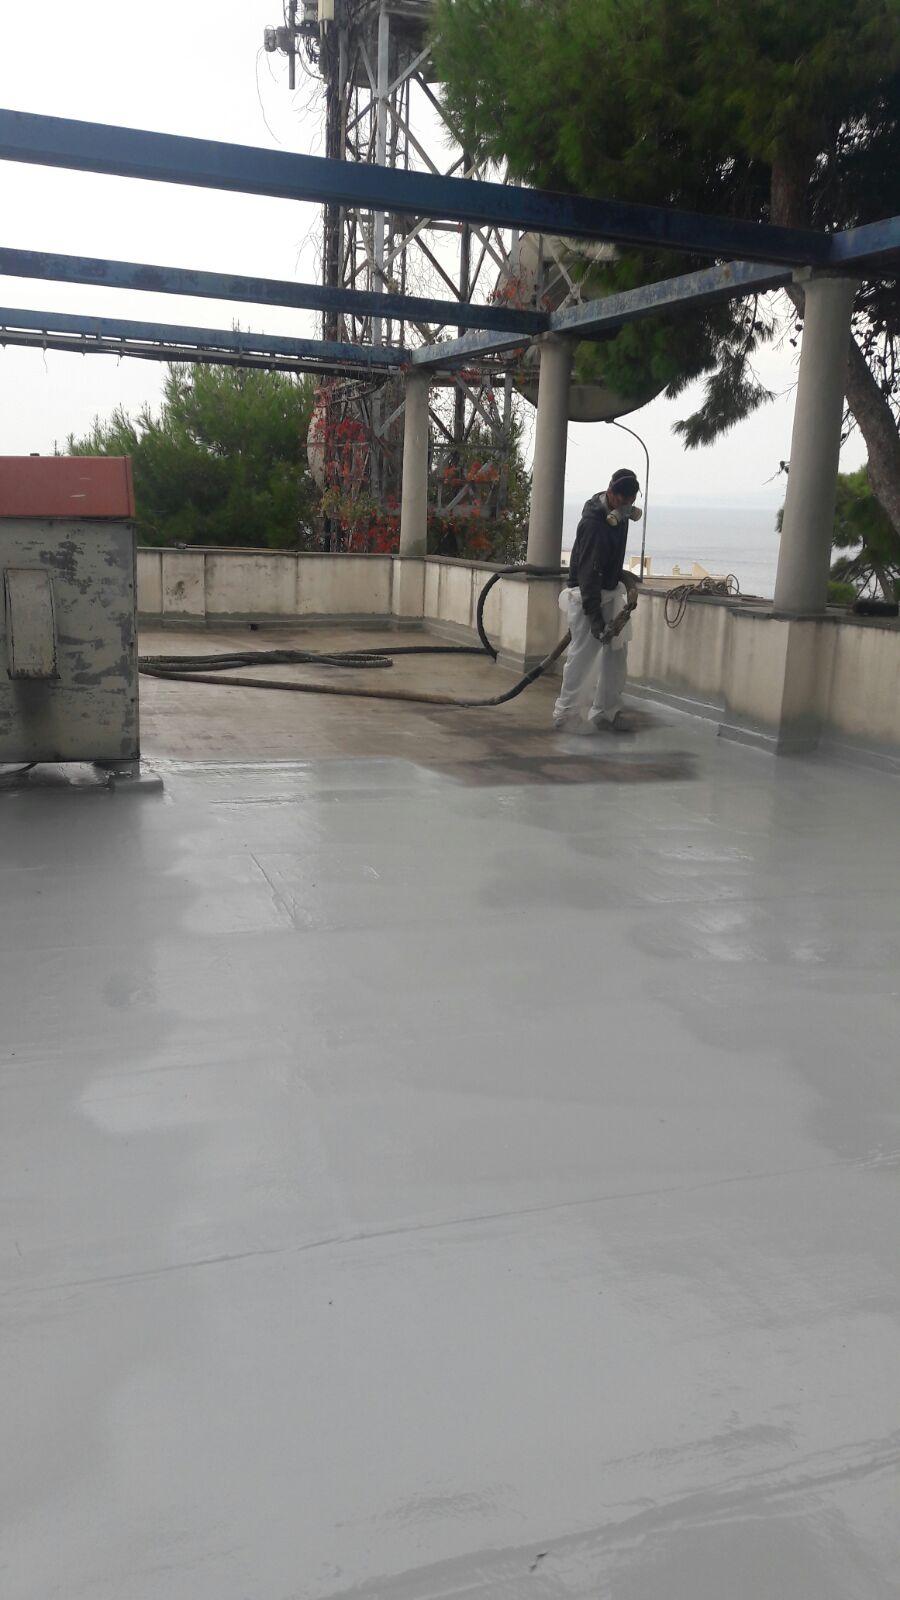 Lavorazione eseguita con poliurea, senza rimuovere il vecchio manto di guaina esistente